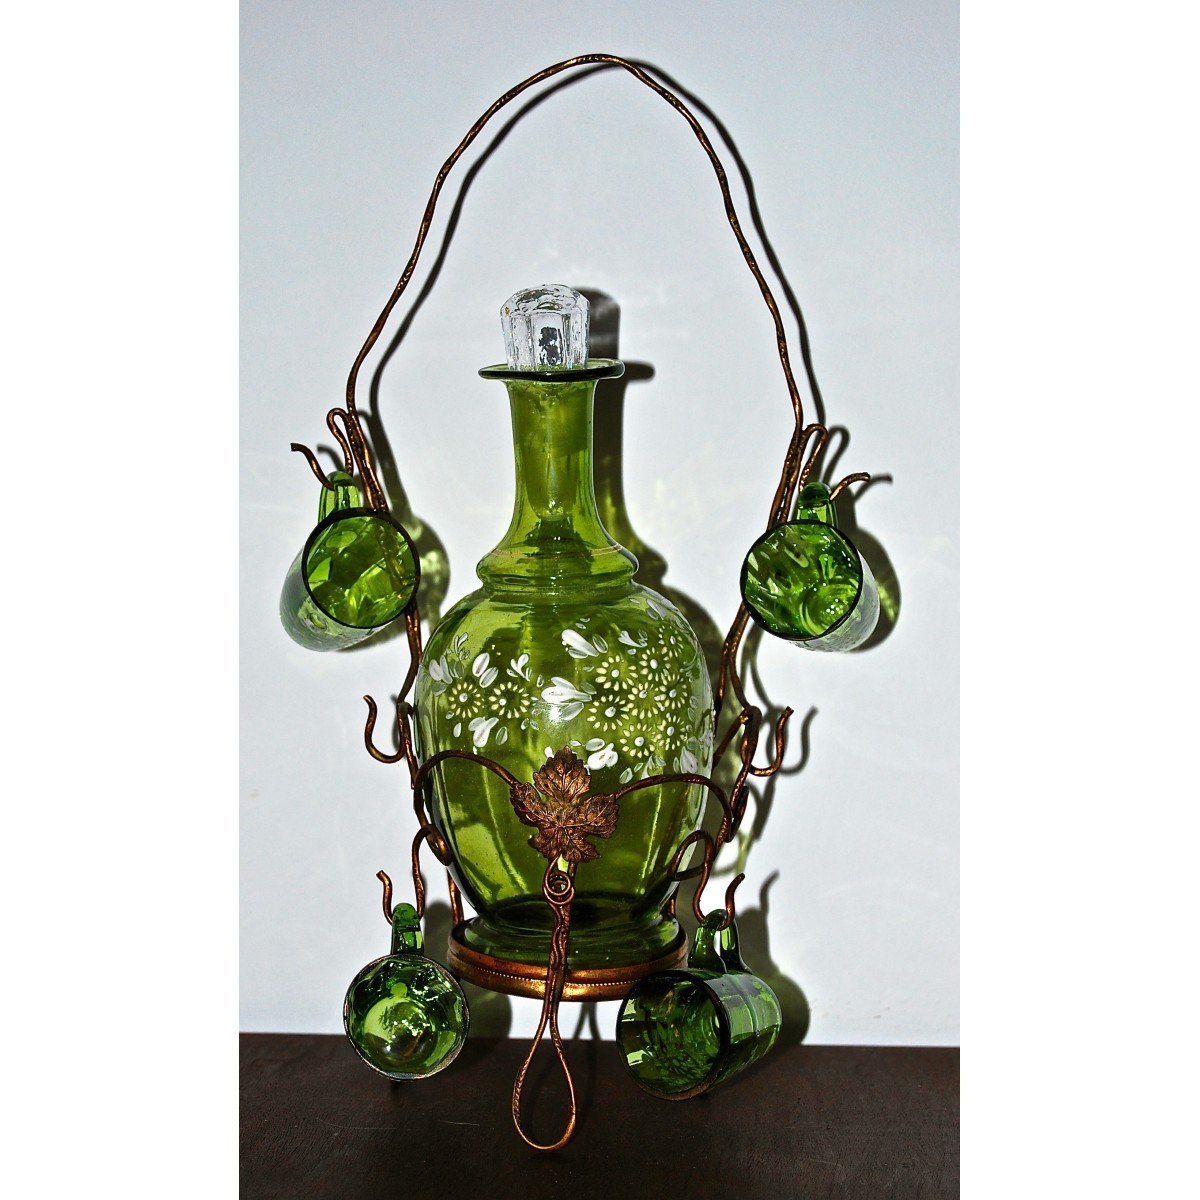 Botella licorera y cuatro vasitos, siglo XIX.